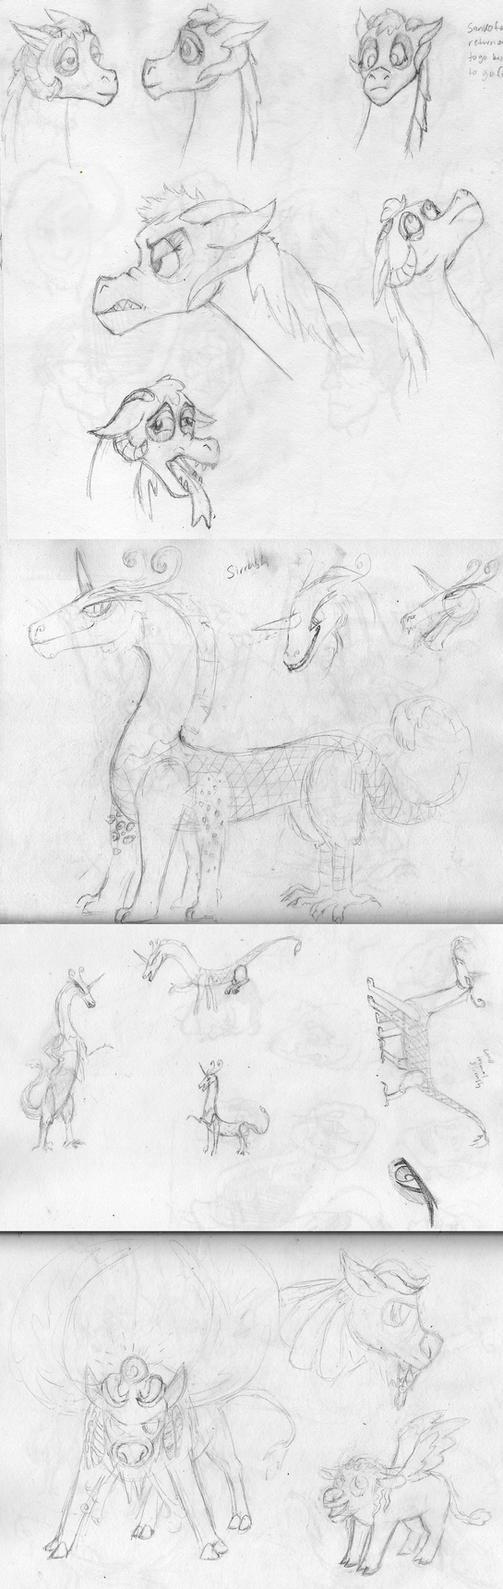 Sketch Dump 15 by arcanineryu